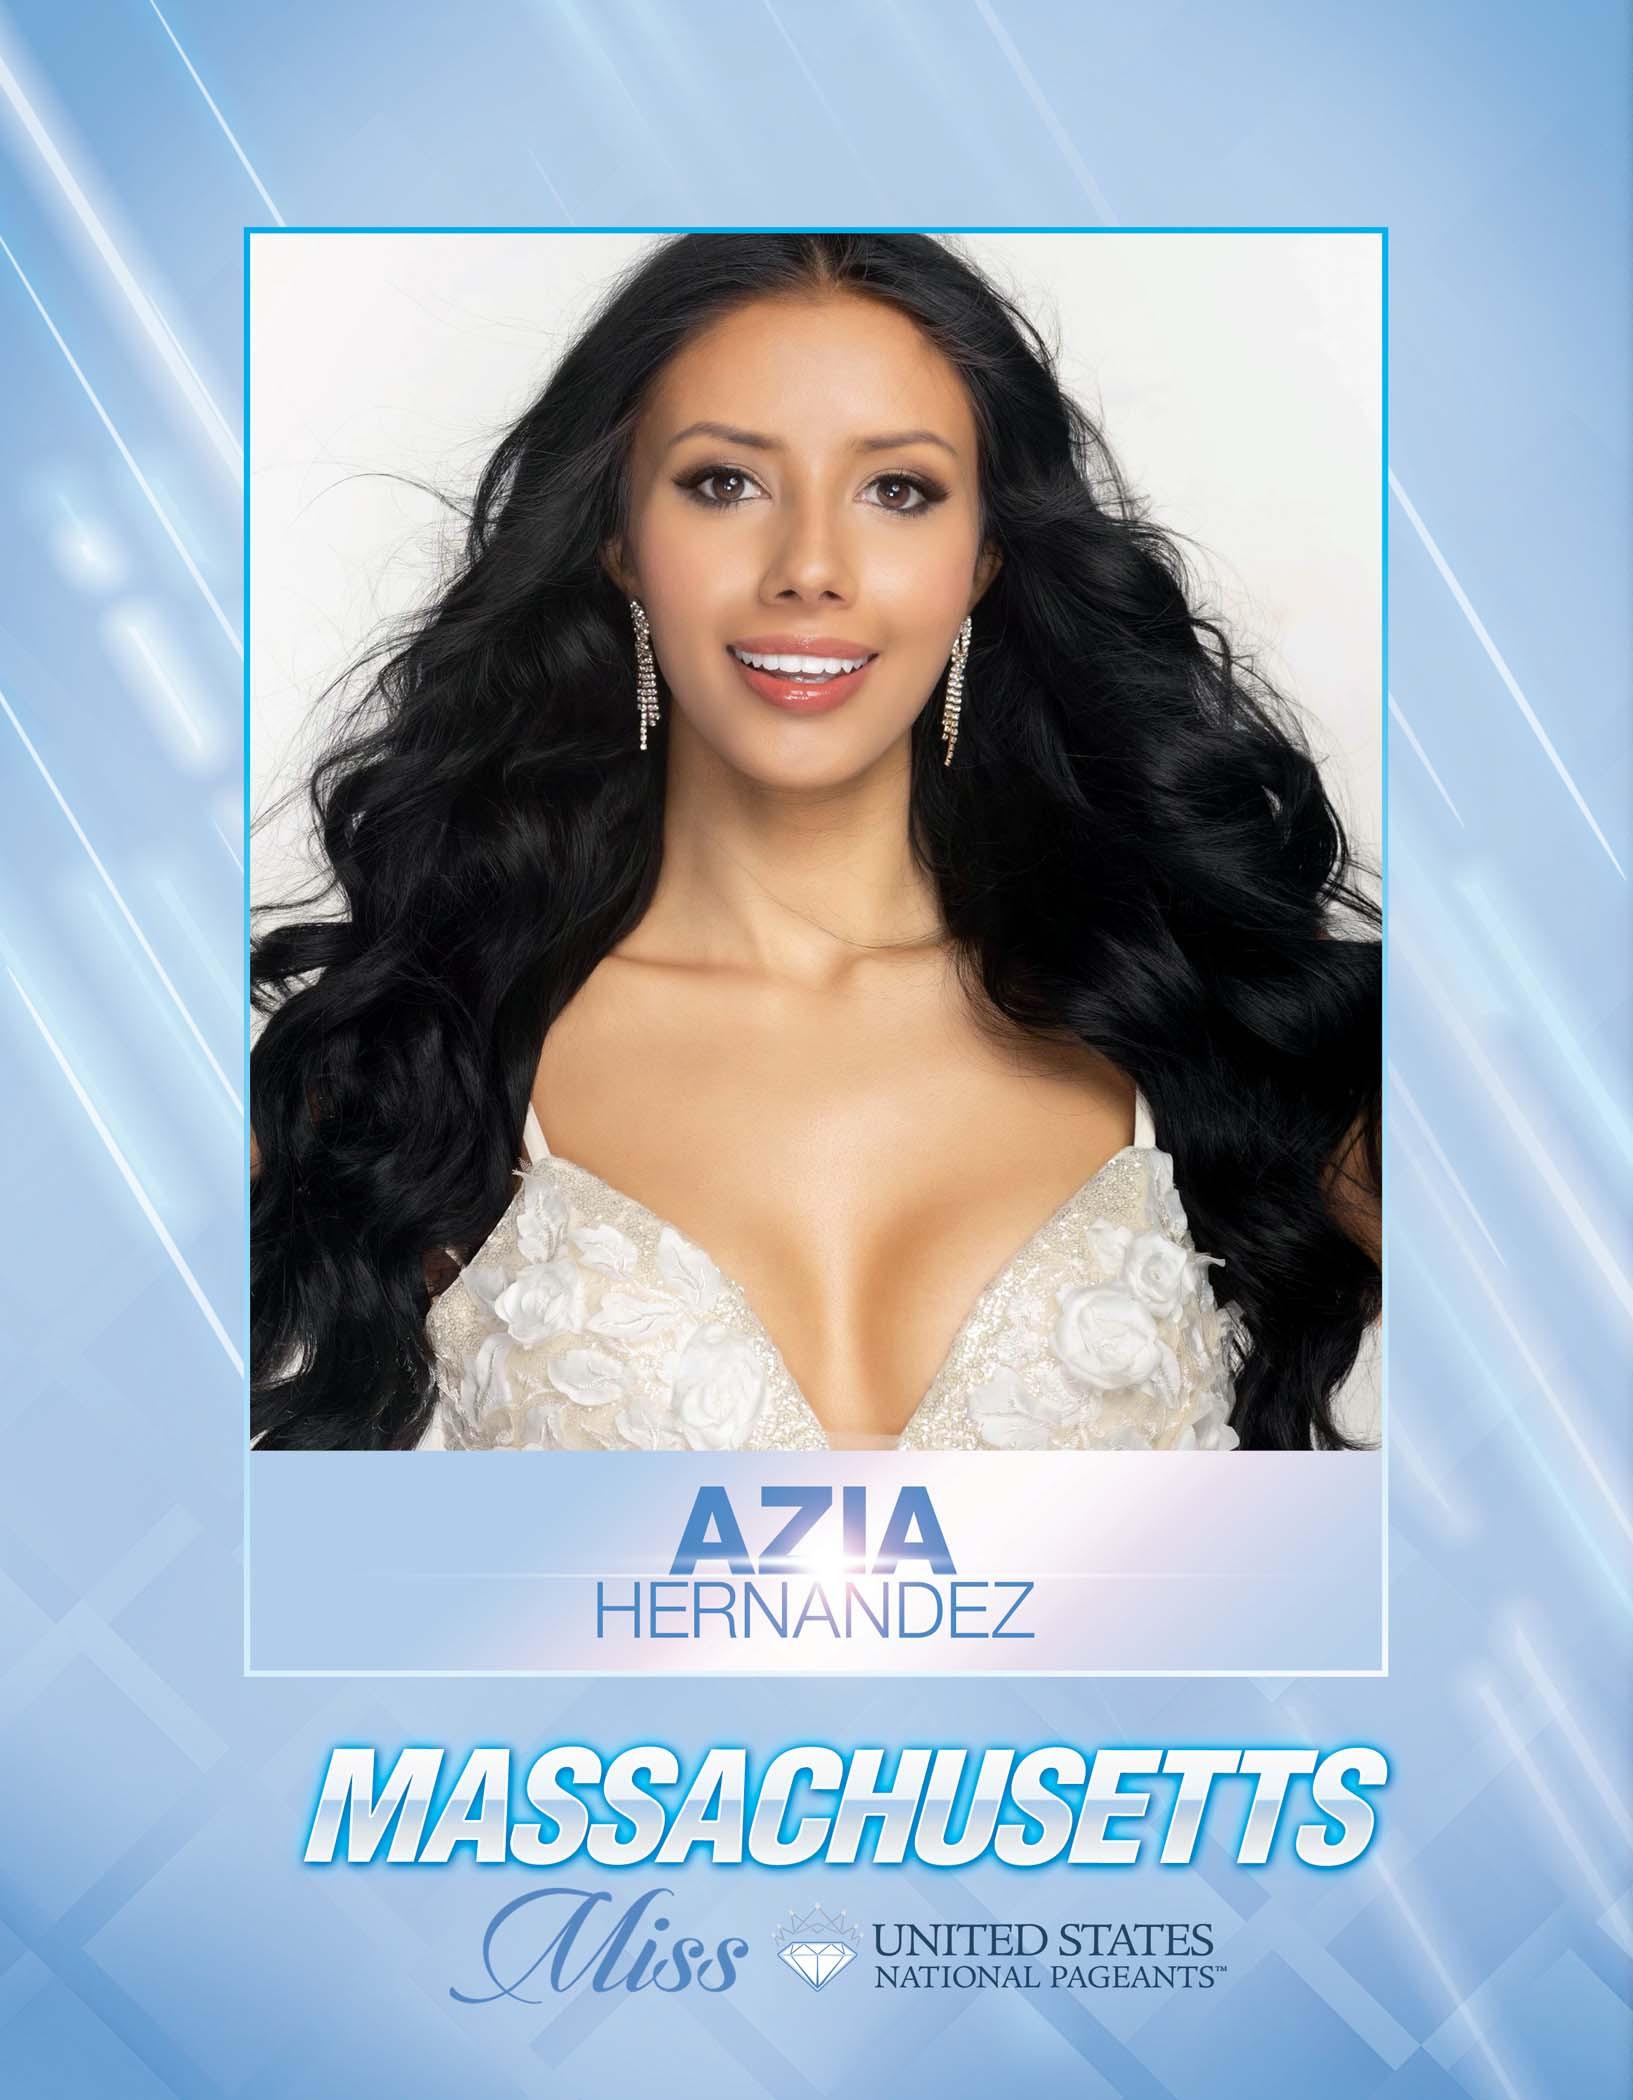 Azia Hernandez Miss Massachusetts United States - 2021